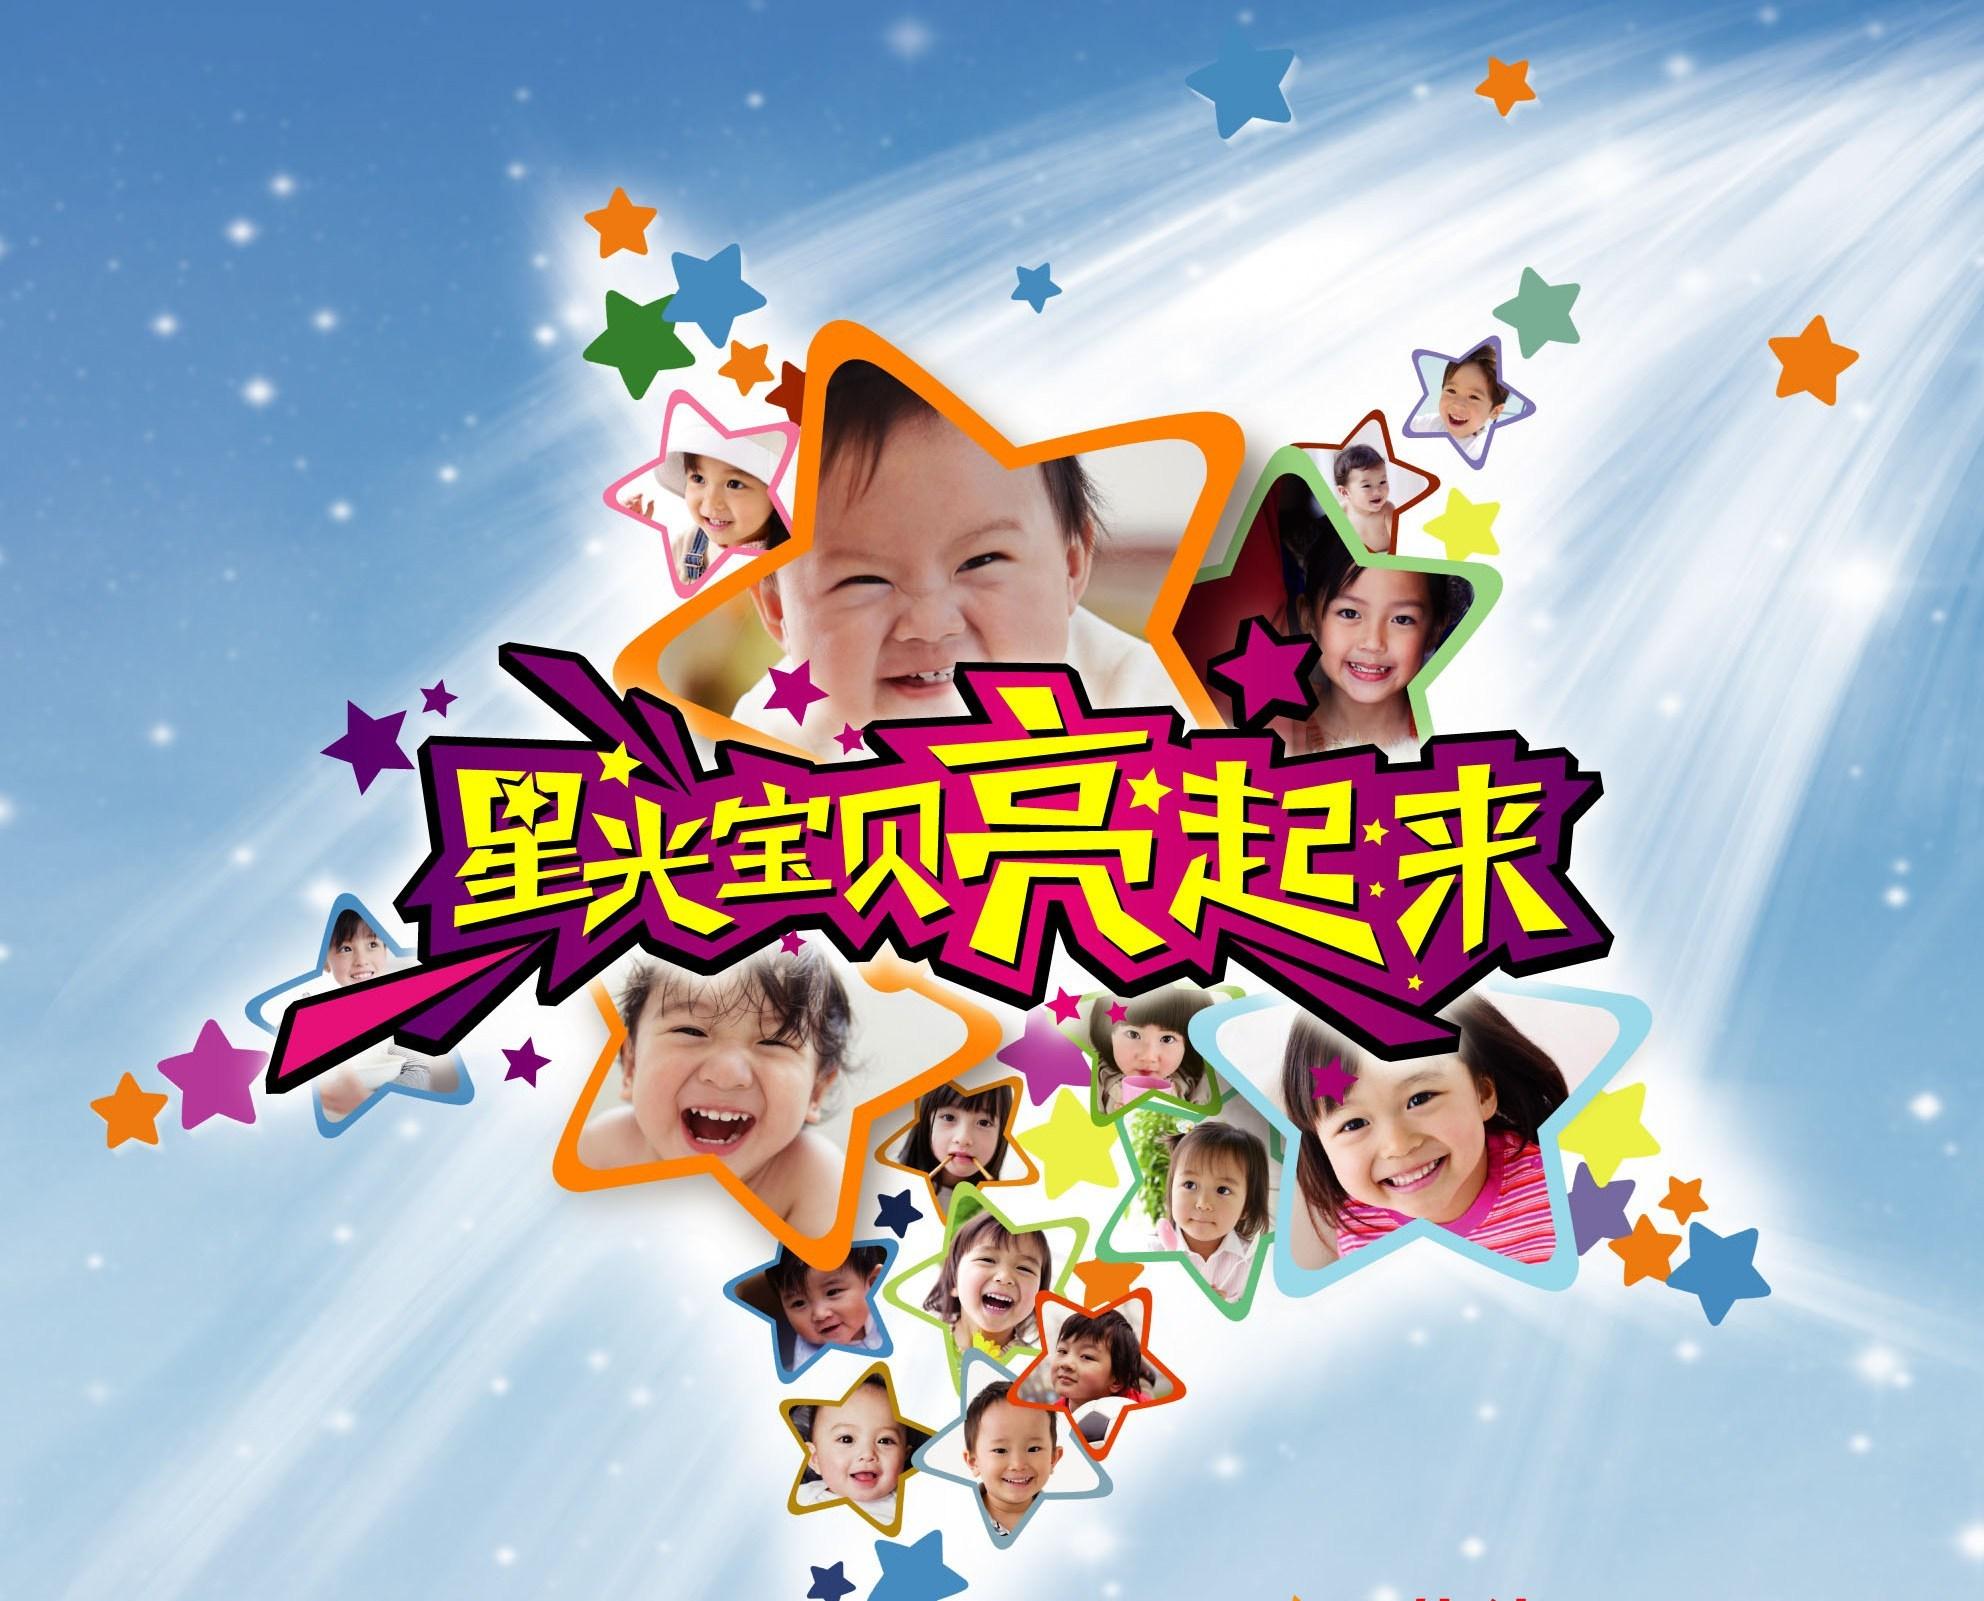 在活动期间,只要父母将自己可爱宝贝的照片上传到www.canon.com.